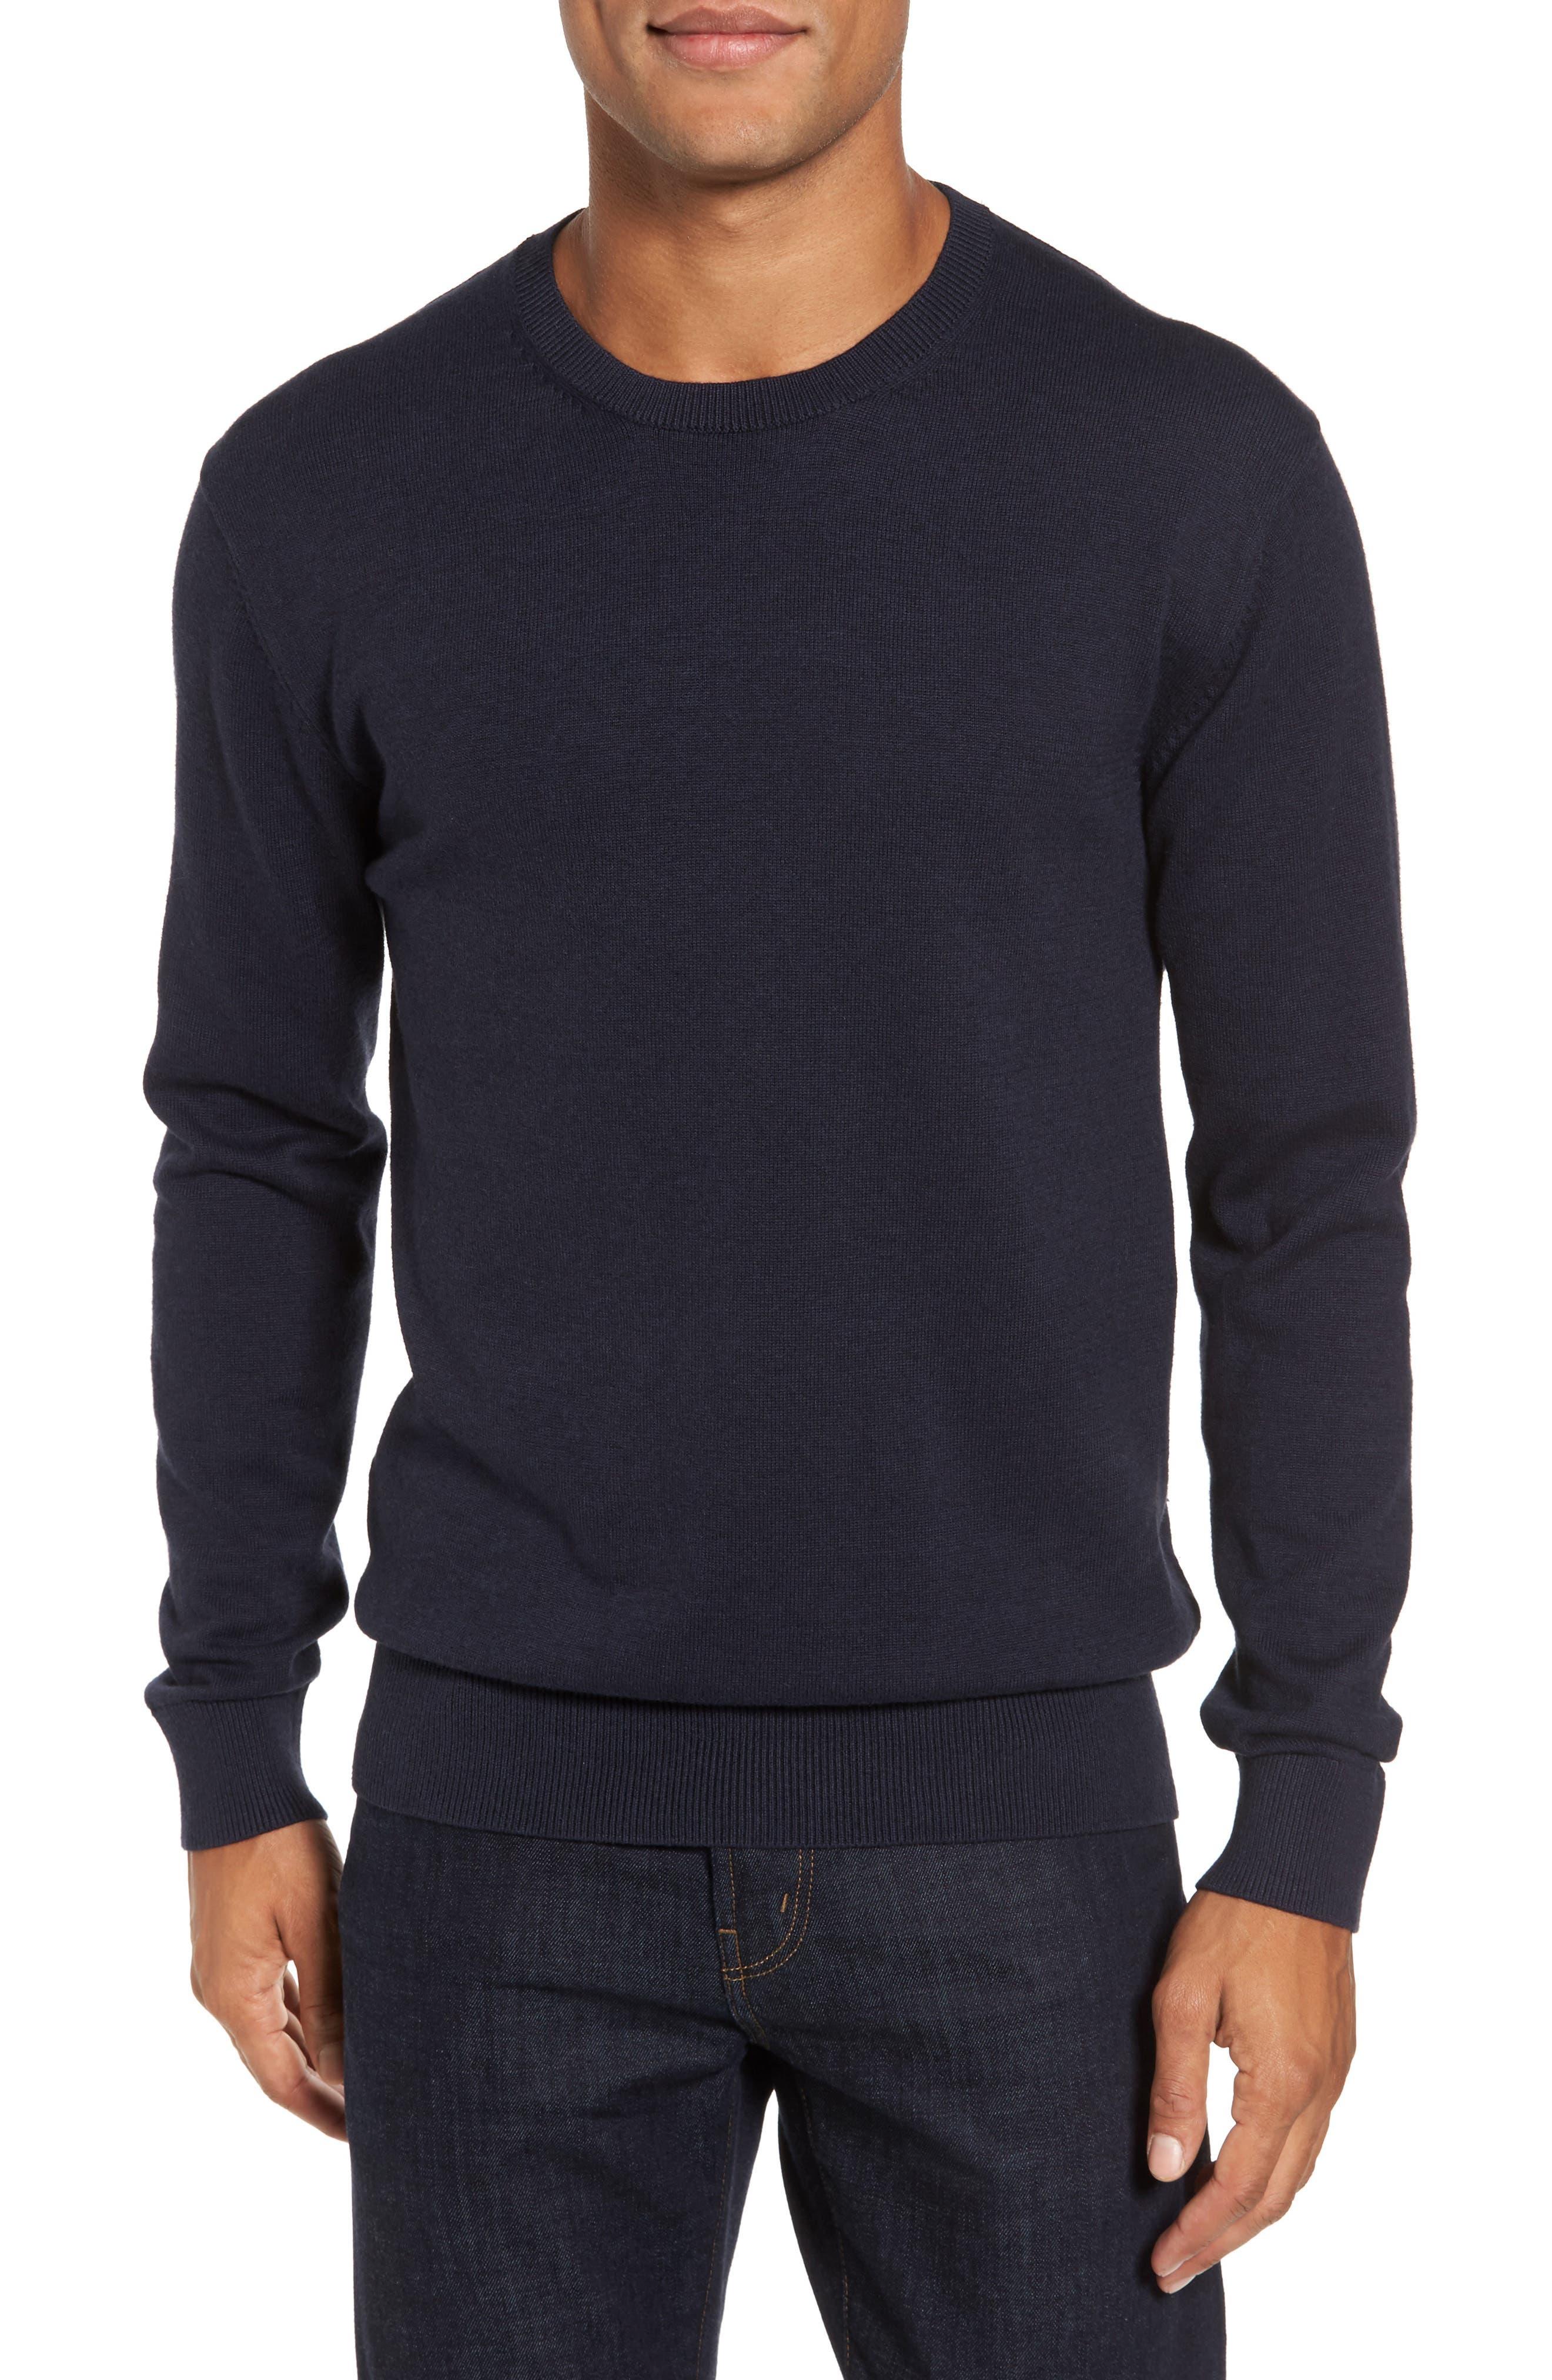 Portrait Crewneck Sweater,                             Main thumbnail 1, color,                             Marine Blue